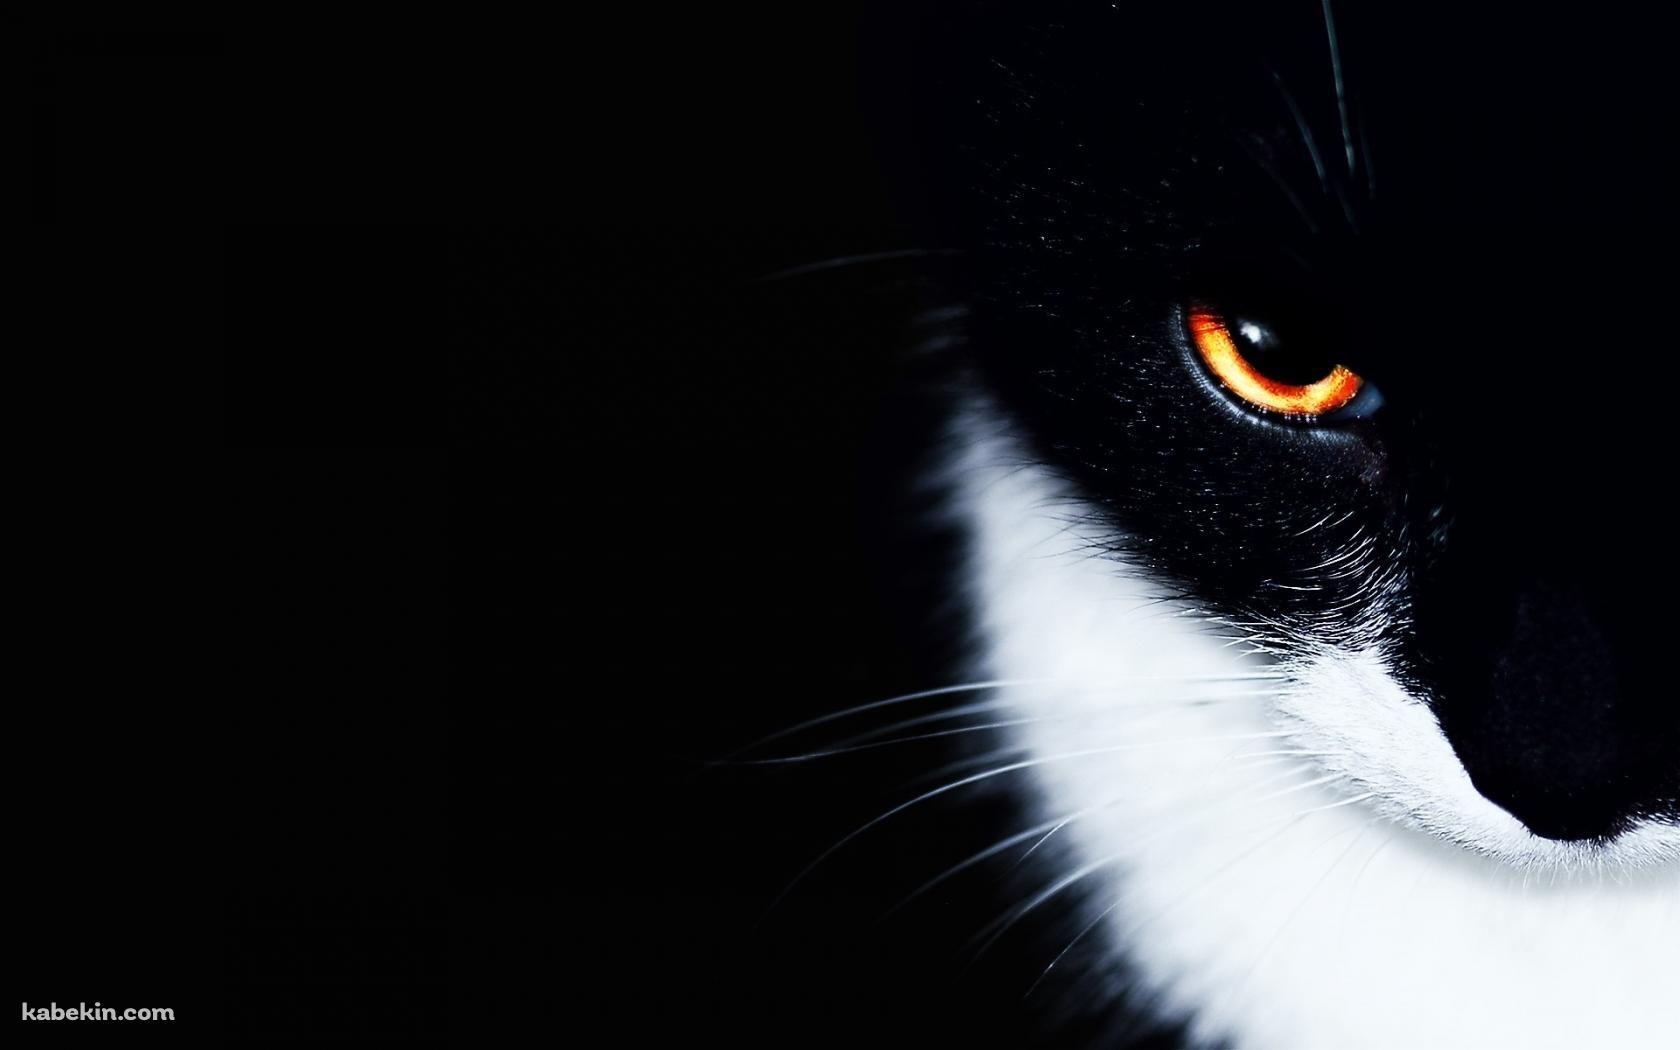 オレンジの眼をした黒猫 1680 X 1050 の壁紙 壁紙キングダム Pc